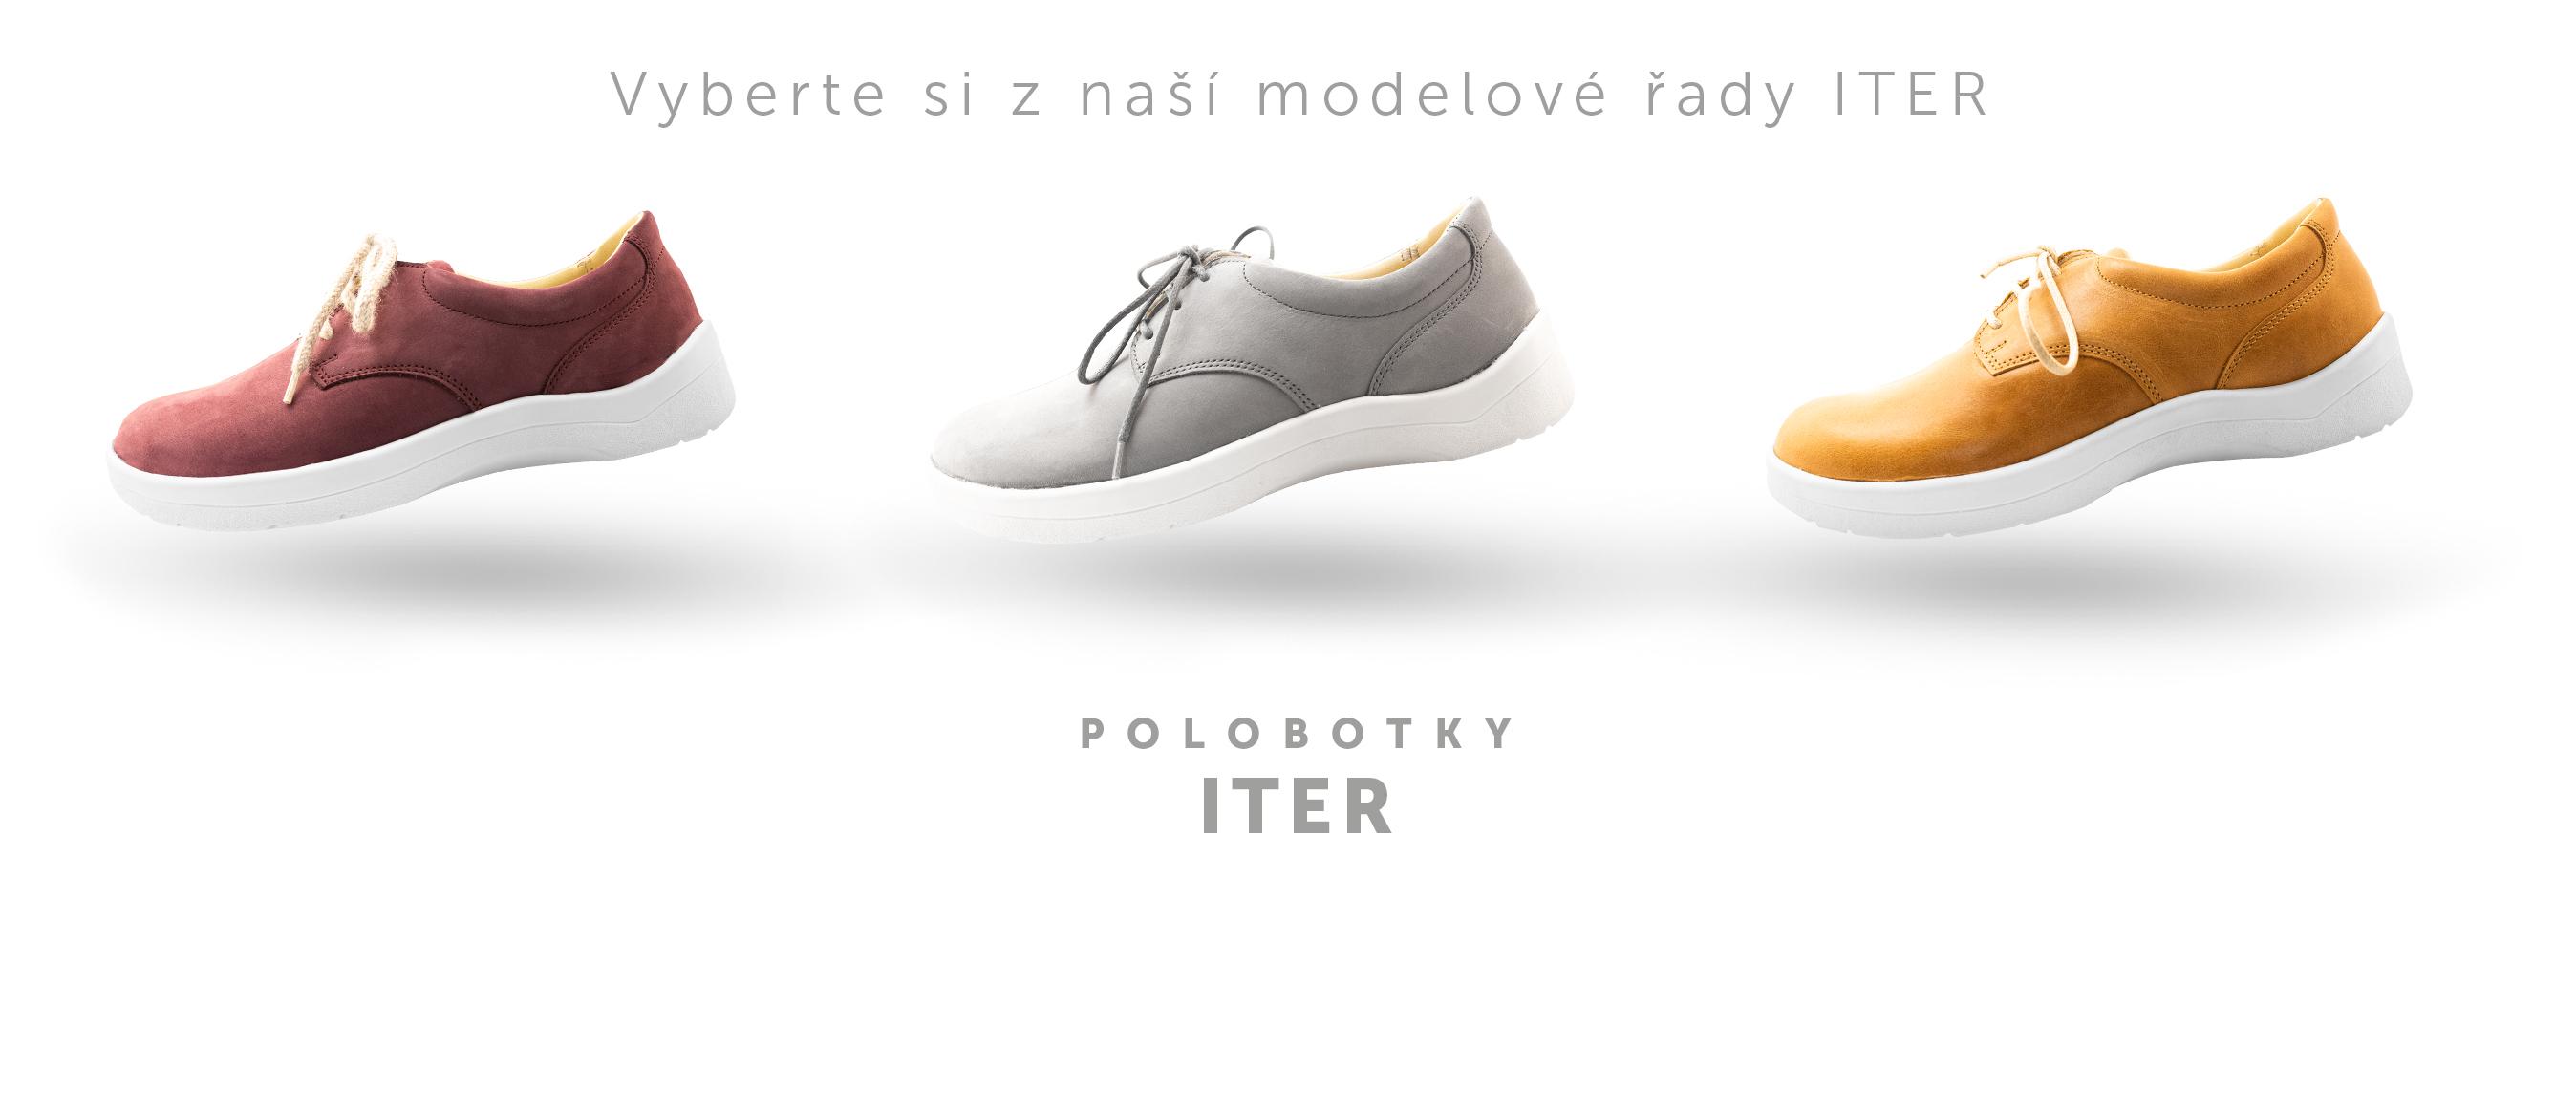 ITER polobotky